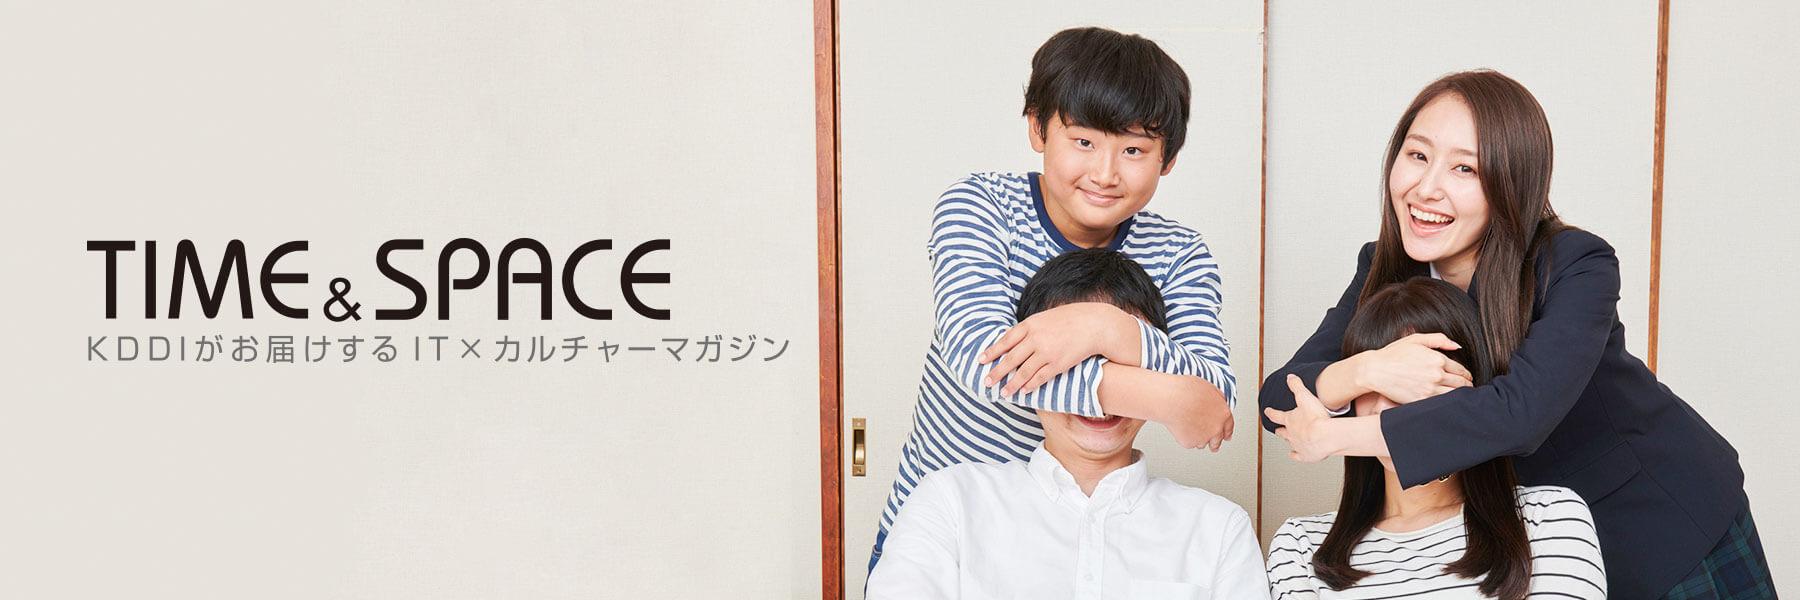 TIME&SPACE KDDIがお届けするIT×カルチャーマガジン